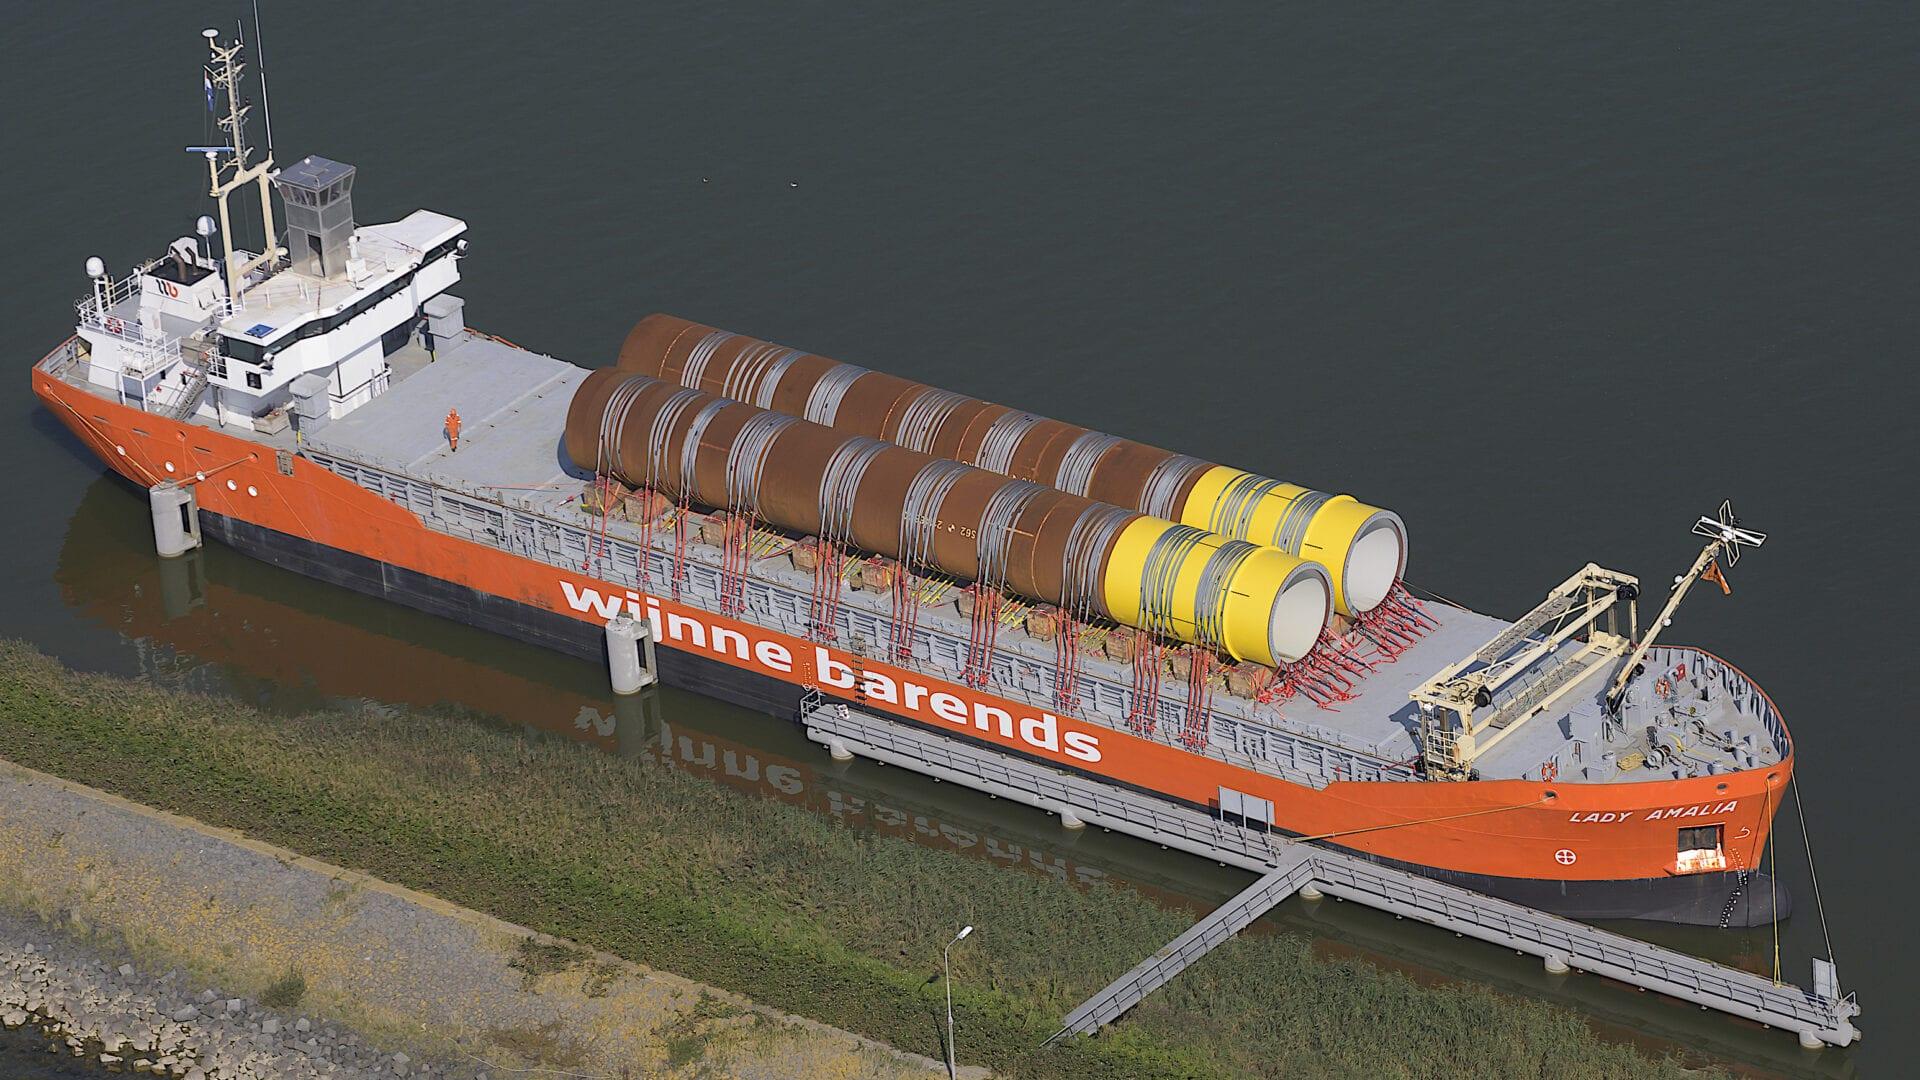 Dit is een oranje vrachtschip.